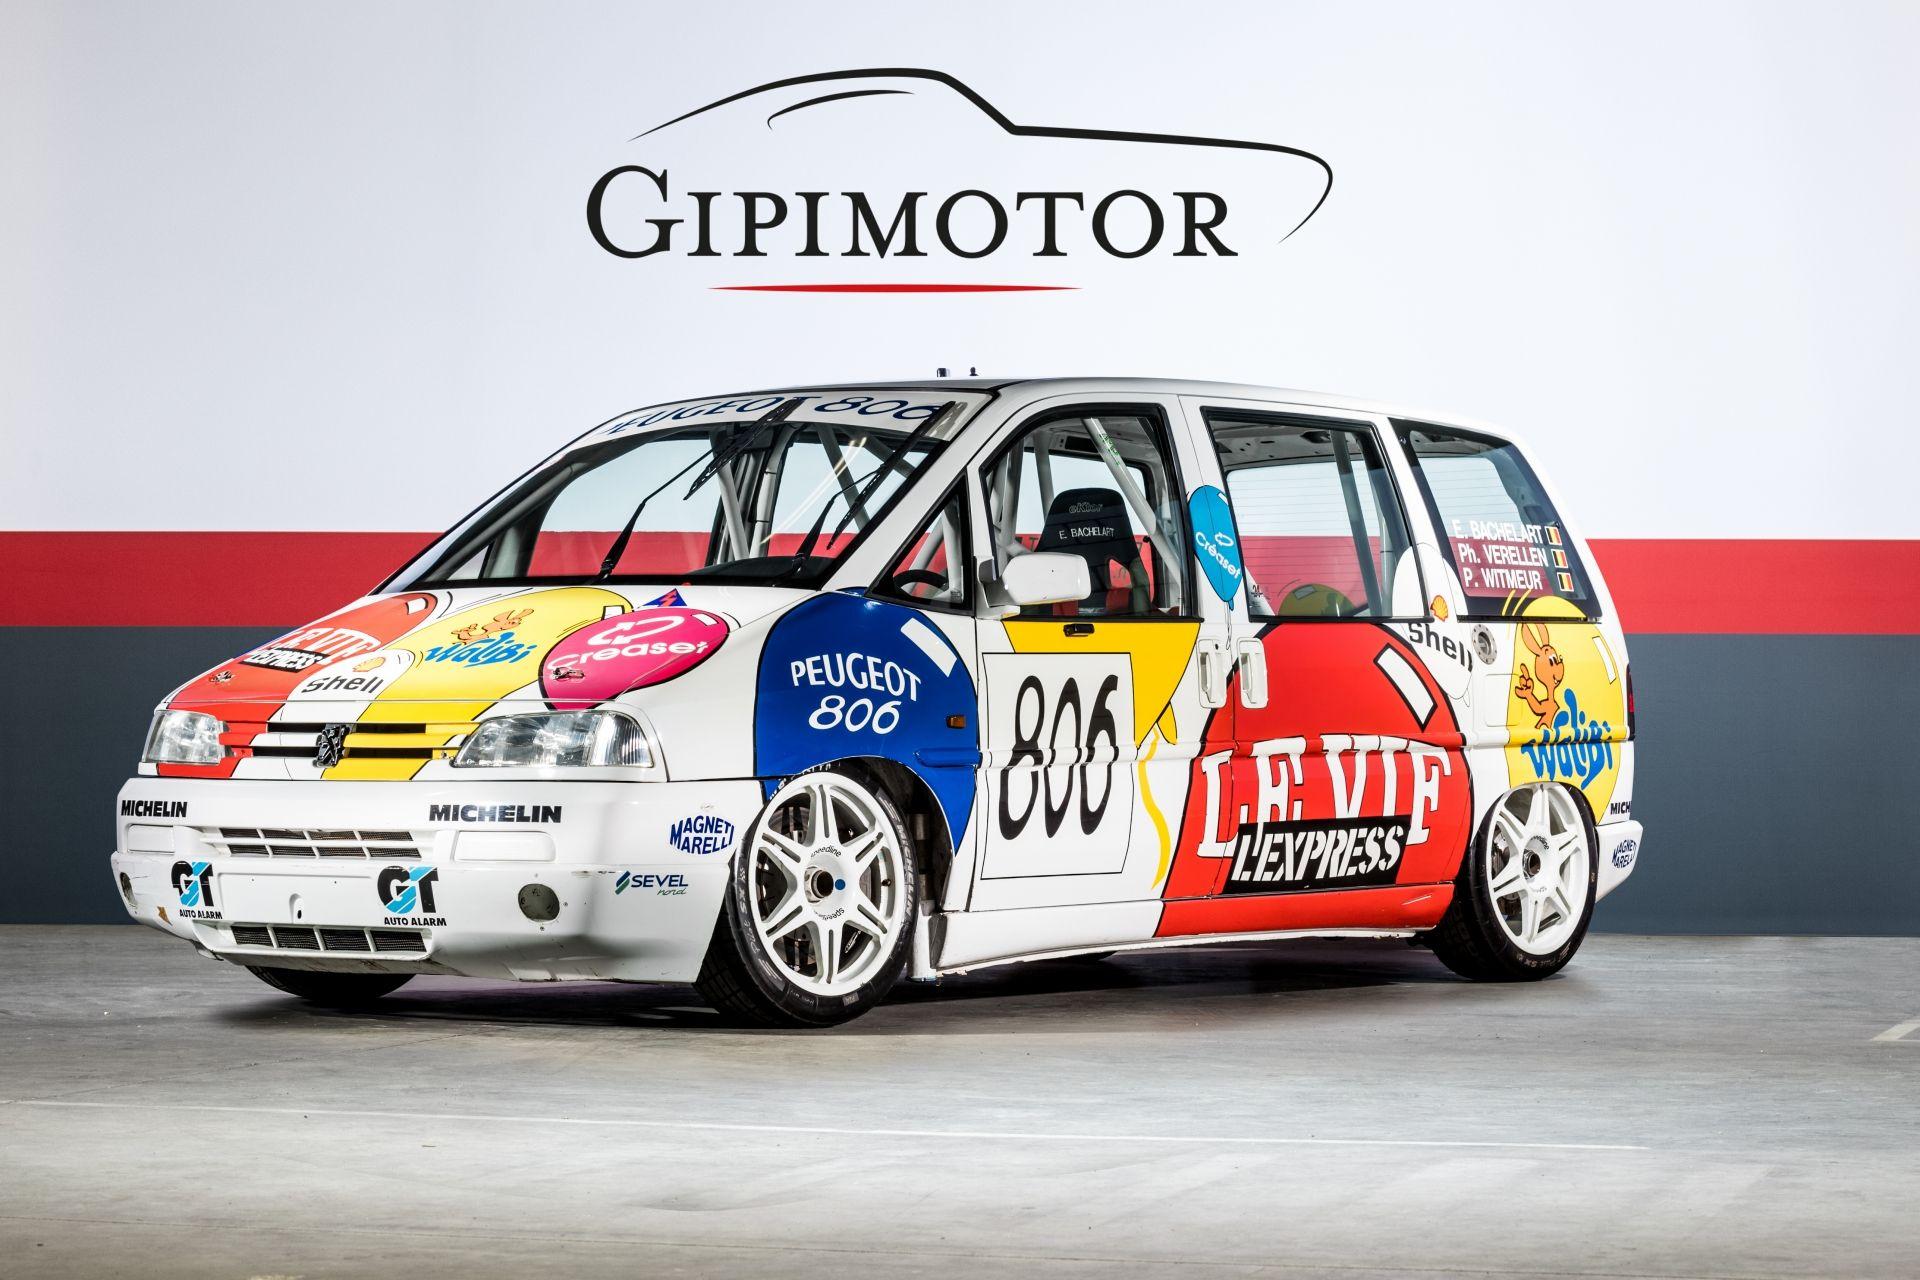 В Бельгии выставлен на продажу необычный Peugeot 806, созданный четверть века назад в ходе рекламной кампании автопроизводителя и серии Procar: команда Kronos Racing участвовала на нём в «24 часах Спа».